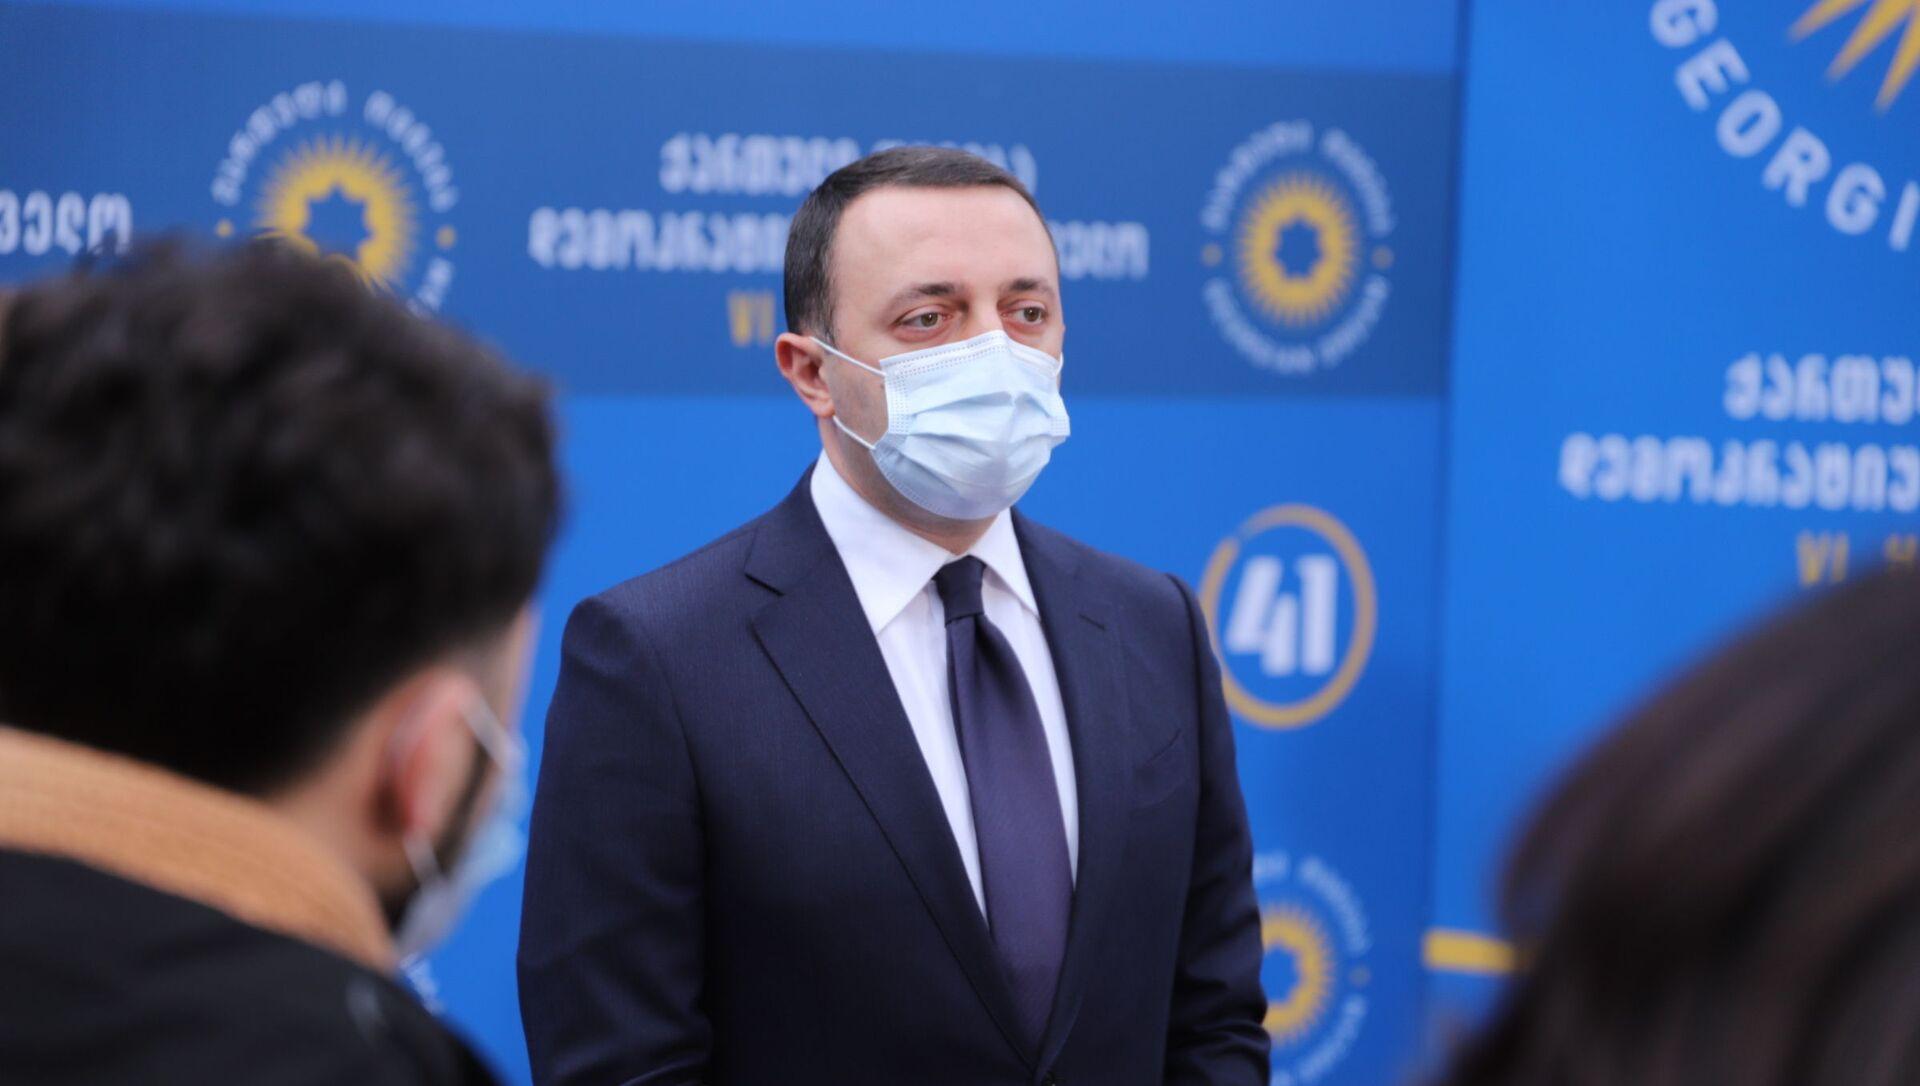 Ираклий Гарибашвили. Съезд правящей партии Грузинская мечта 16 января 2021 года - Sputnik Грузия, 1920, 18.02.2021